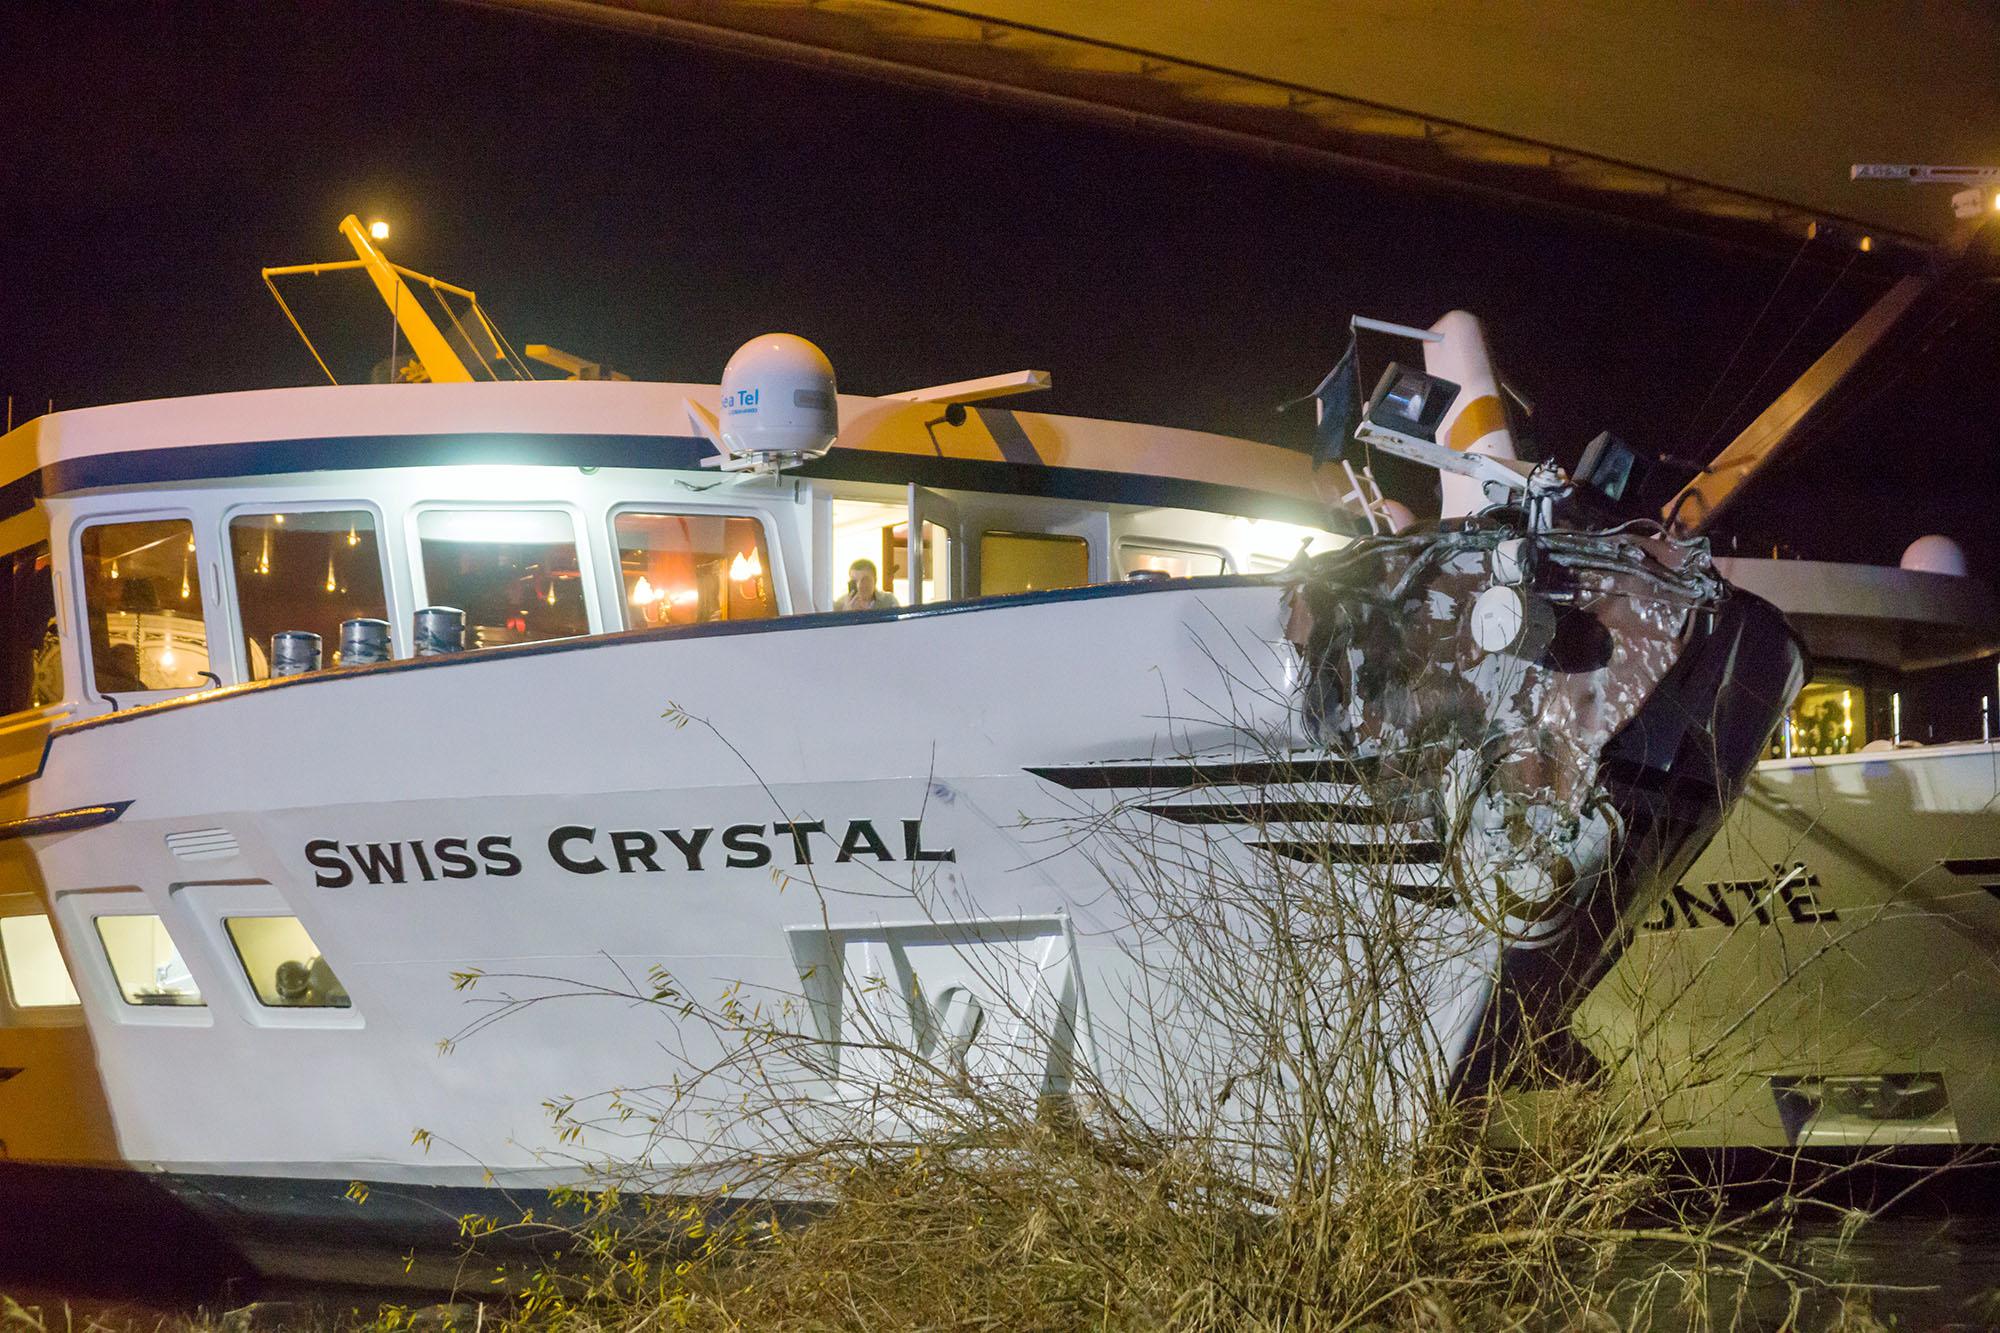 Das beschaedigte Passagierschiffes am 26.12.2017 in Duisburg (Nordrhein-Westfalen). Bei der Kollision des unter schweizer Fla